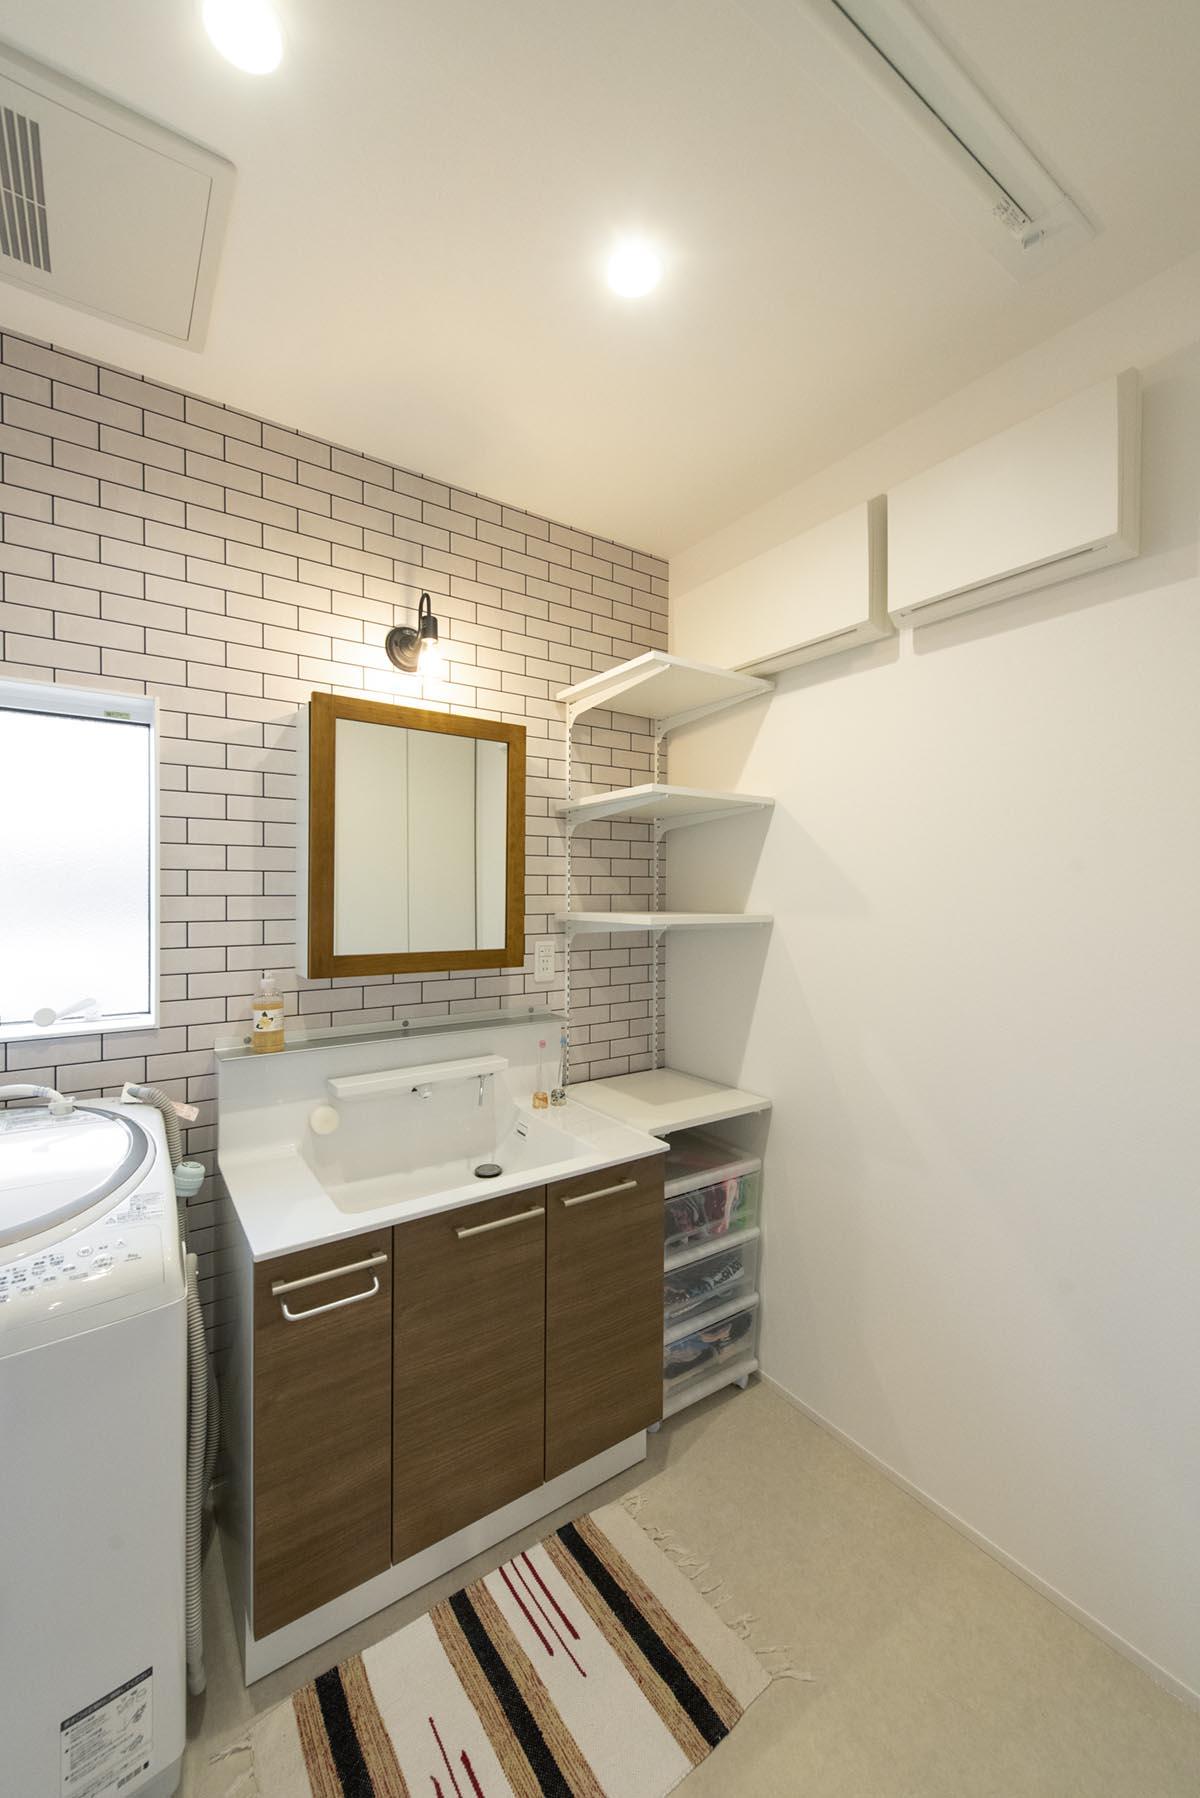 洗面ボウル、カウンター部分はメーカー既製品を使用し、ミラー部分をナチュラルにアレンジ。壁面のタイル貼りがかわいく、入る度に楽しくなるスペースです。実用性も考えて可動棚を設置しています。